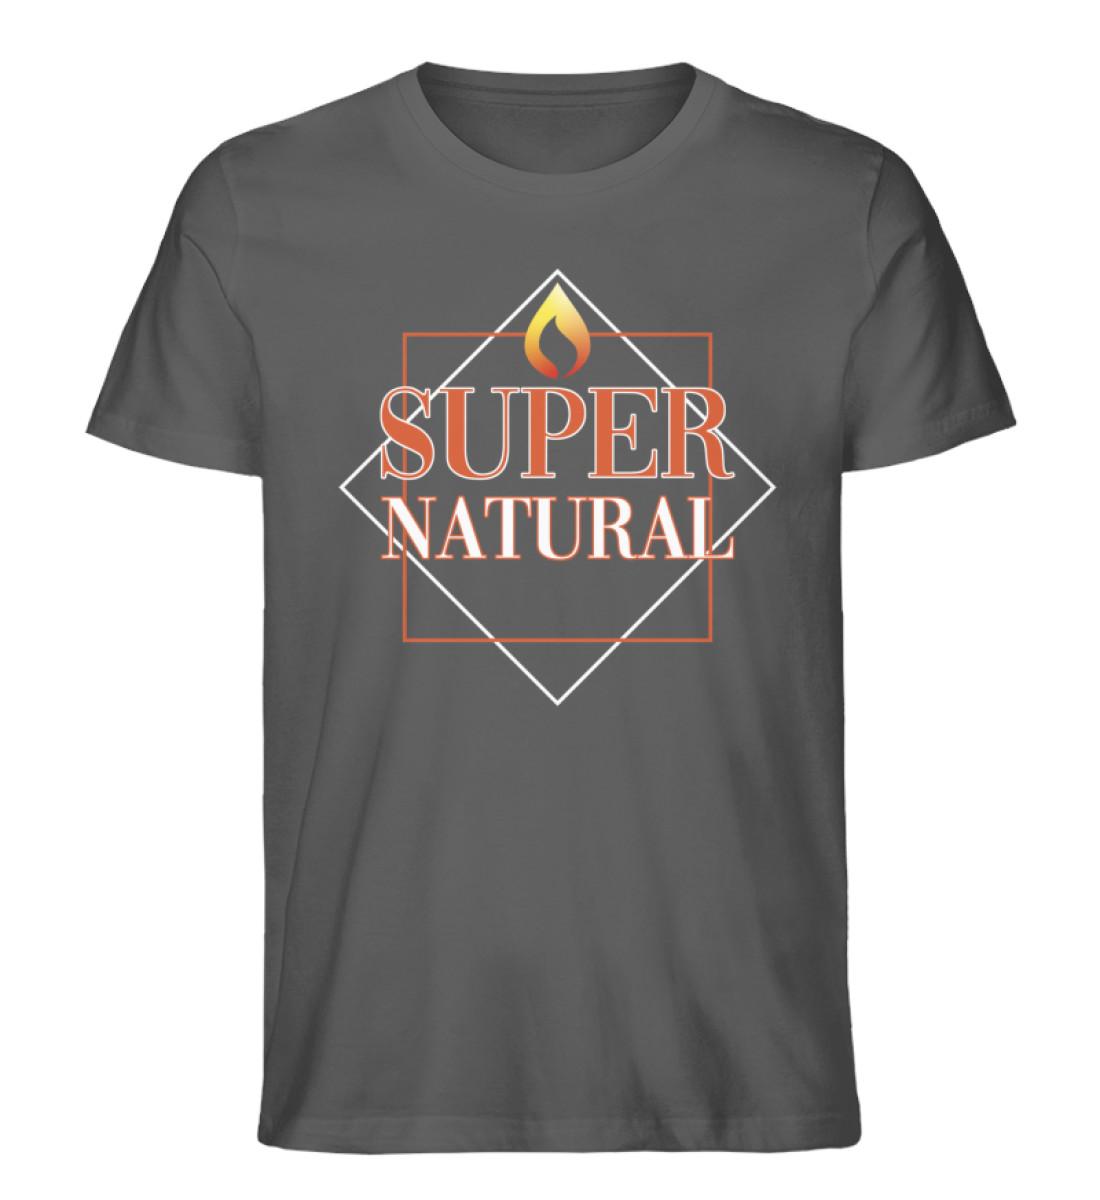 supernatural - Men Premium Organic Shirt-6903